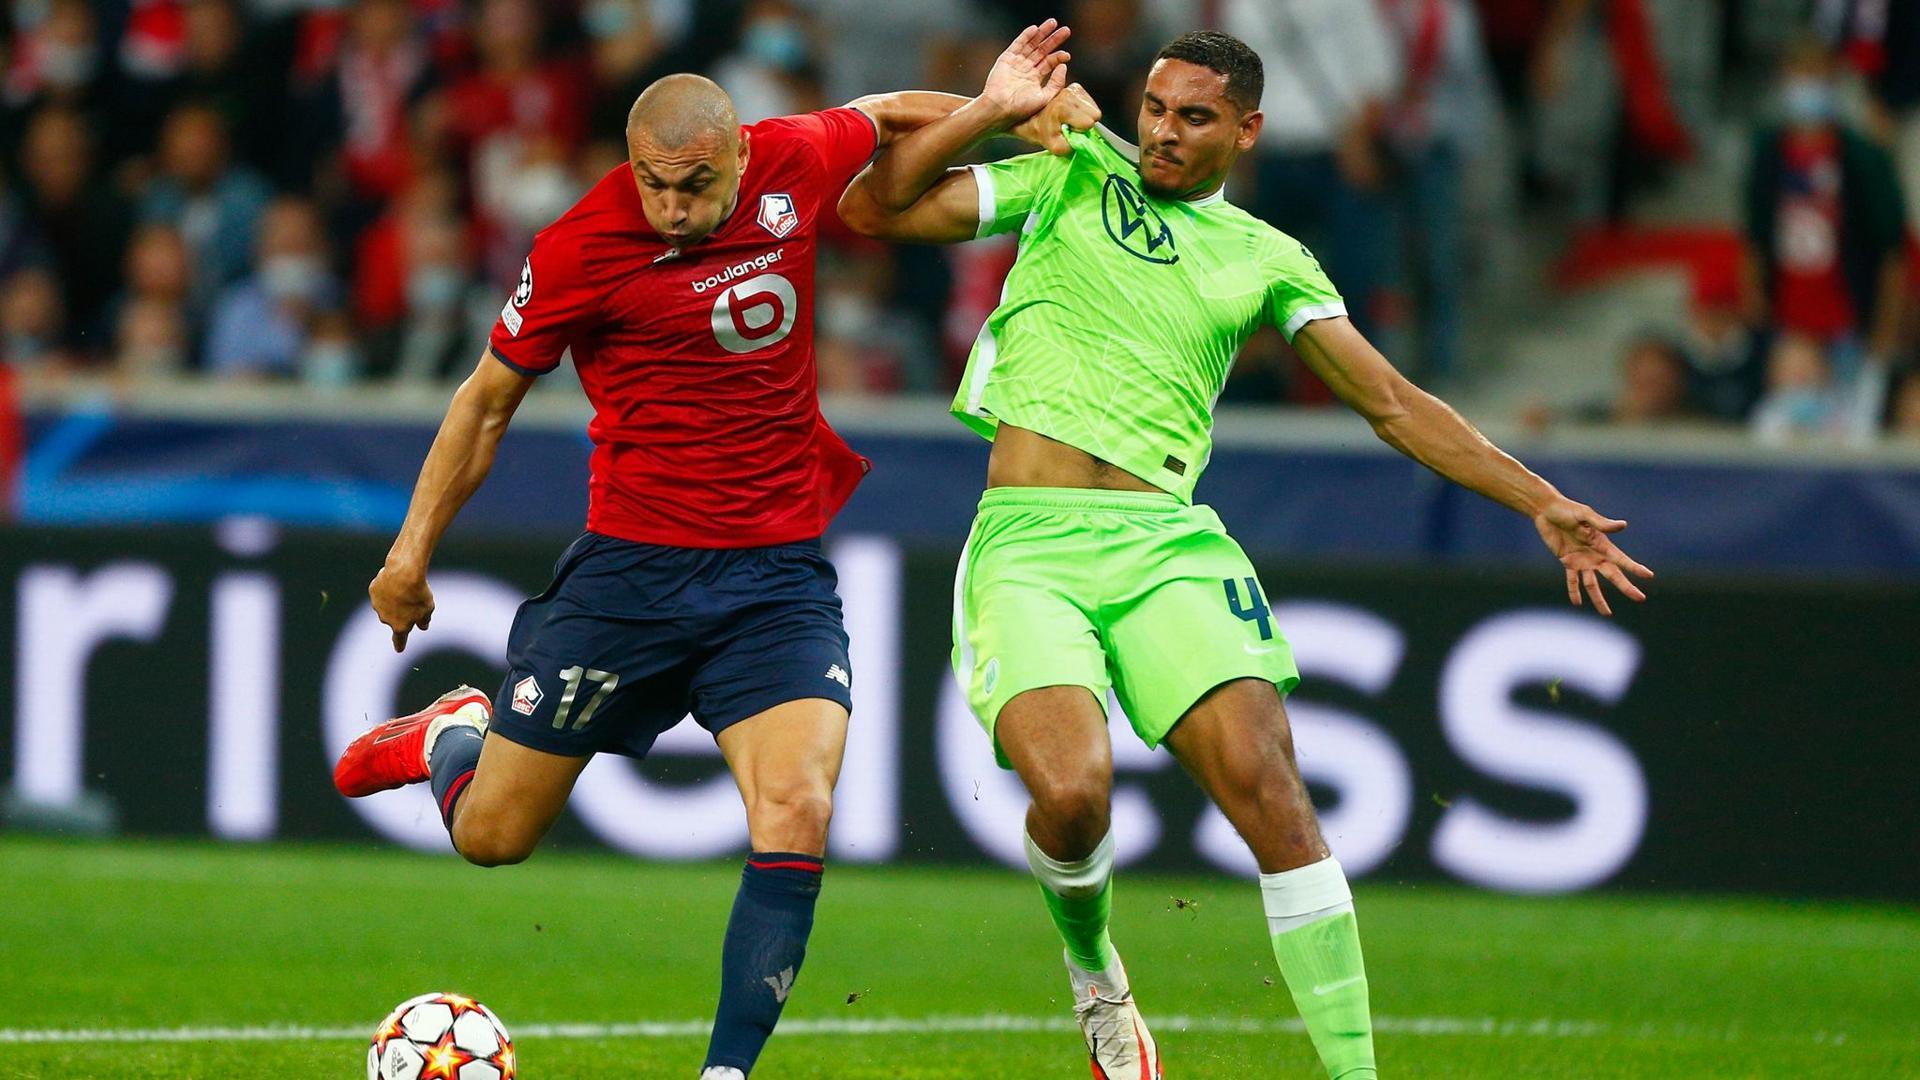 Maxence Lacroix vom VfL Wolfsburg (r) kann sich im Kampf um den Ball nicht gegen Burak Yilmaz vom OSC Lille durchsetzen.